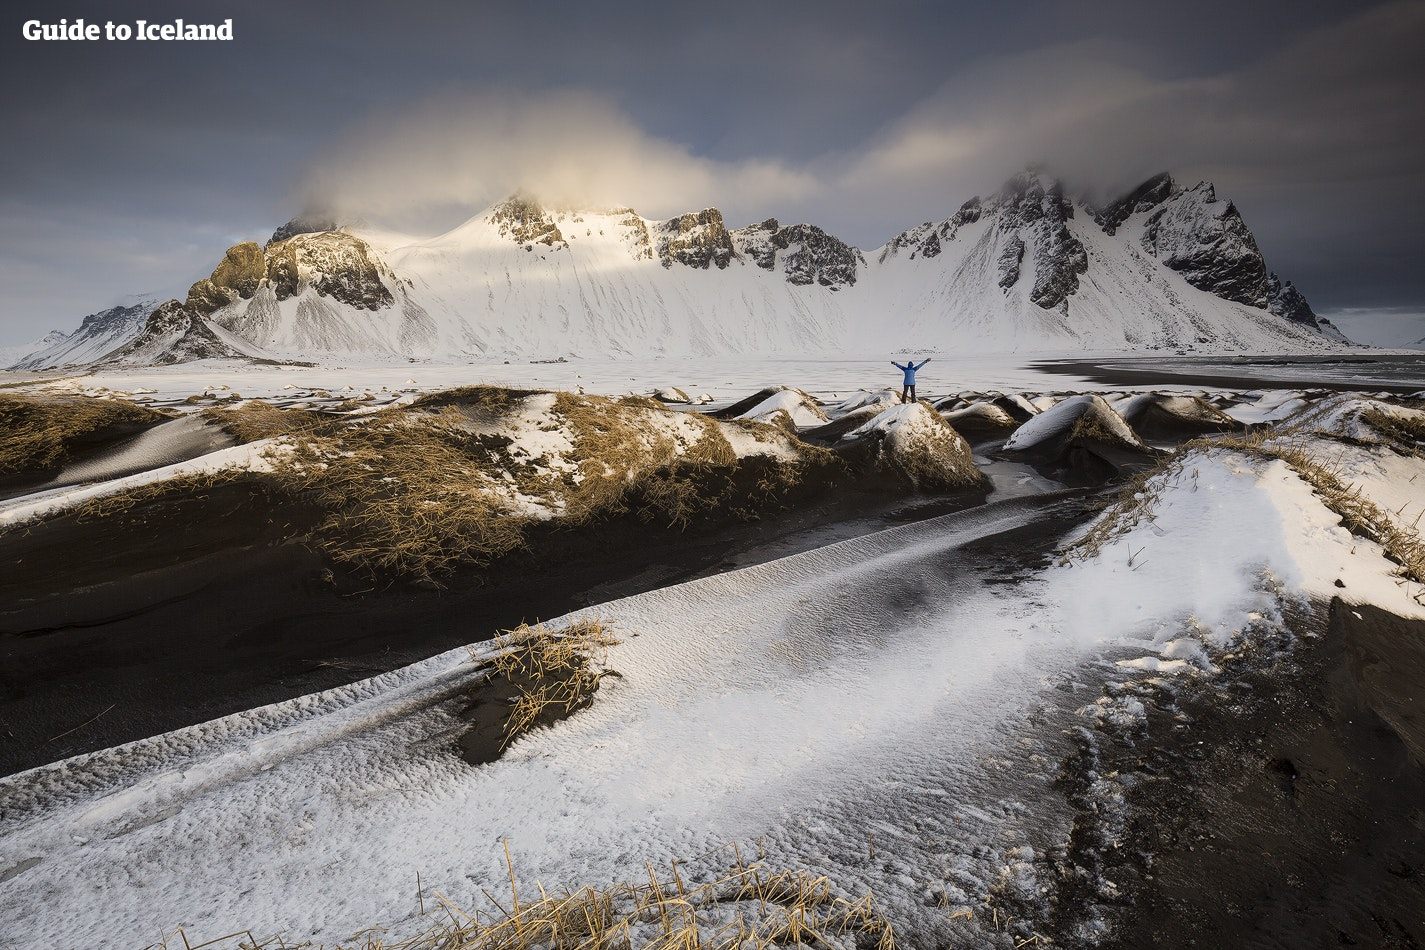 Vestrahorn, uno de los paisajes montañosos más espectaculares del este.